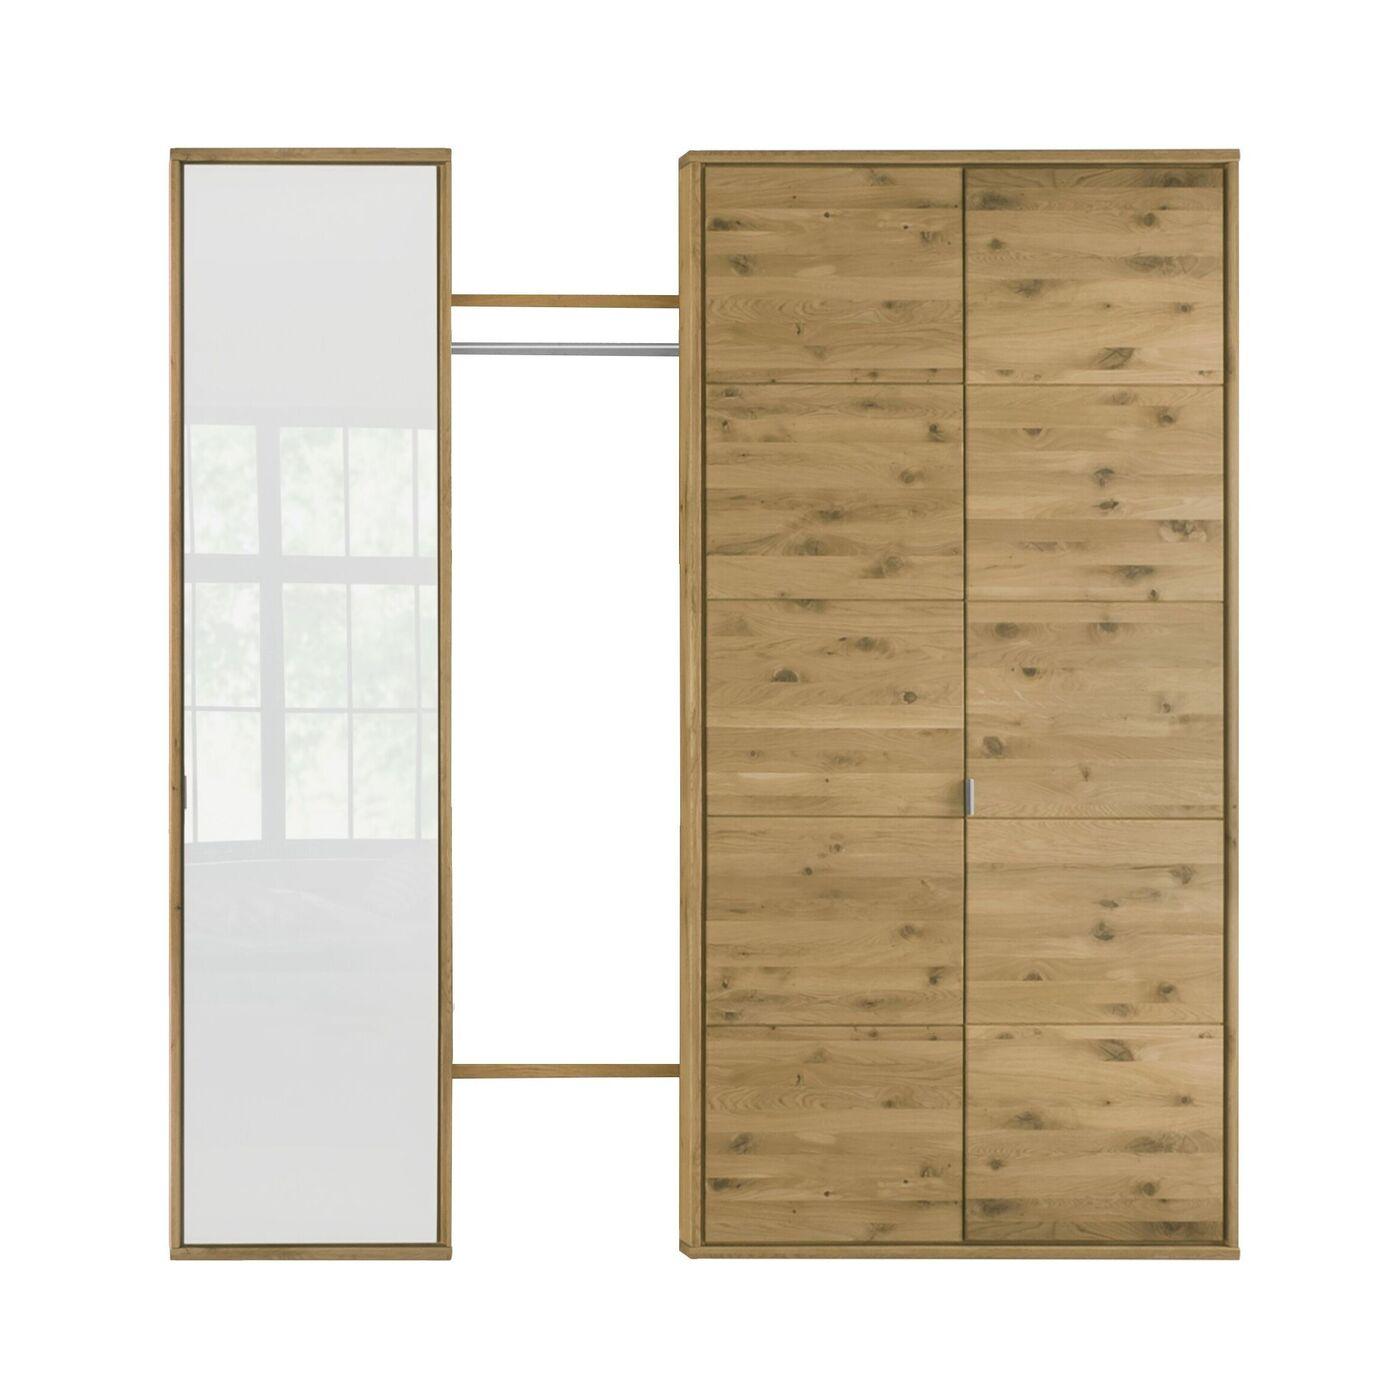 Massivholz-Schrank mit offenem Fach und edlem Weißglas - Vacallo